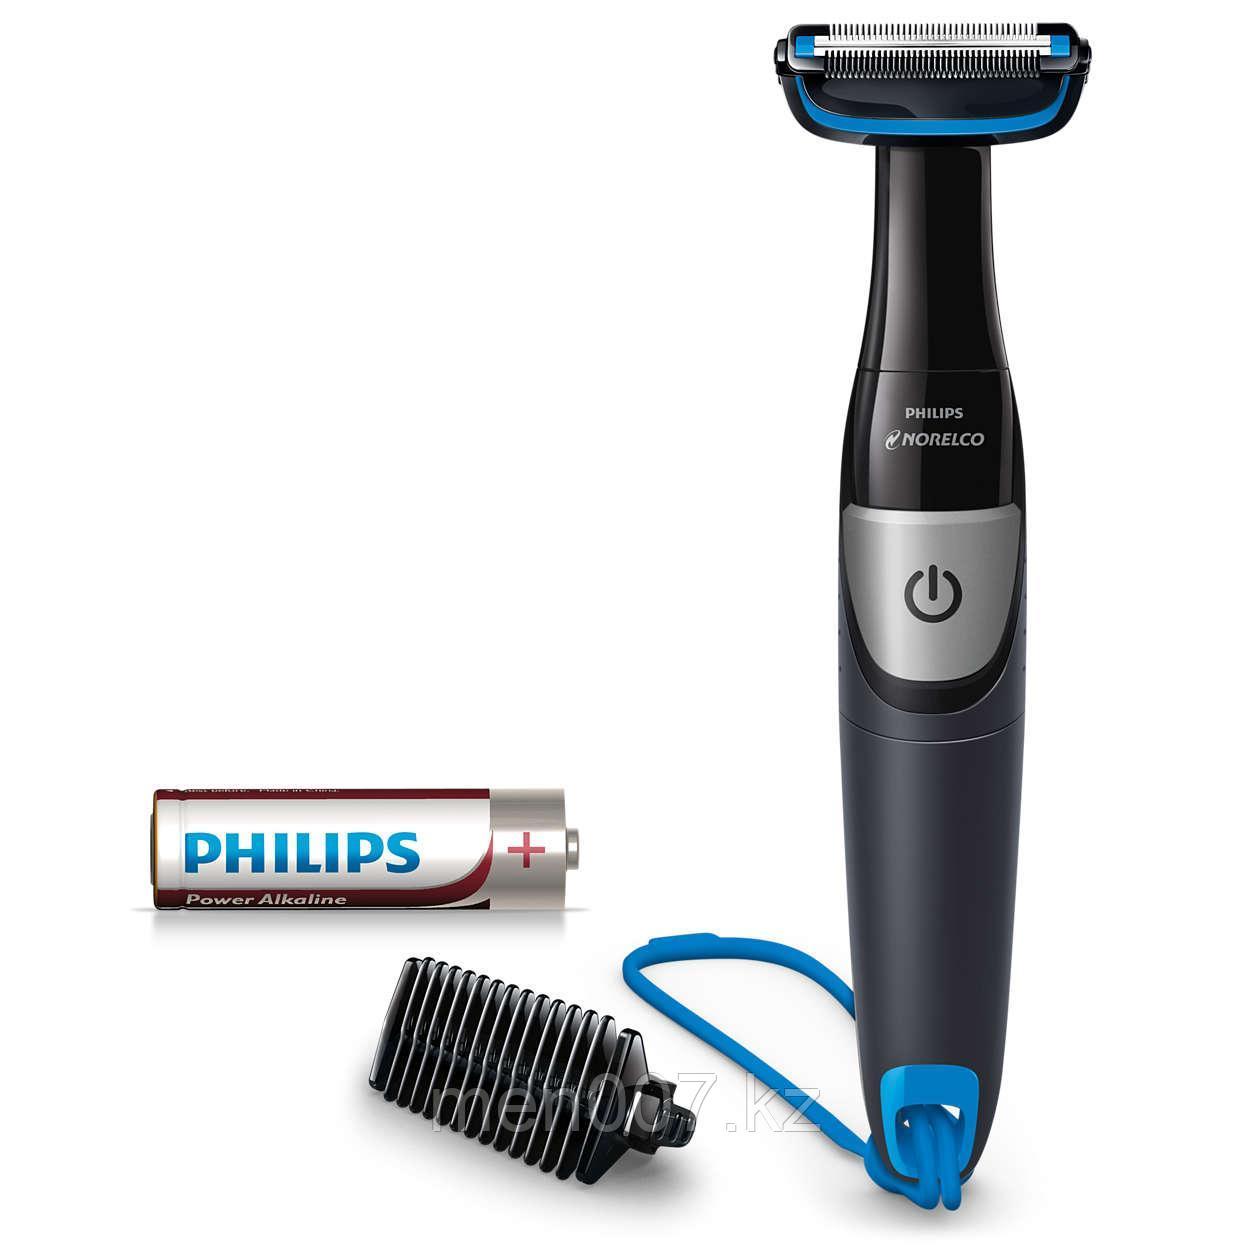 Philips Norelco Bodygroom 1100 (Универсальный триммер для подмышек,зоны бикини и паха)